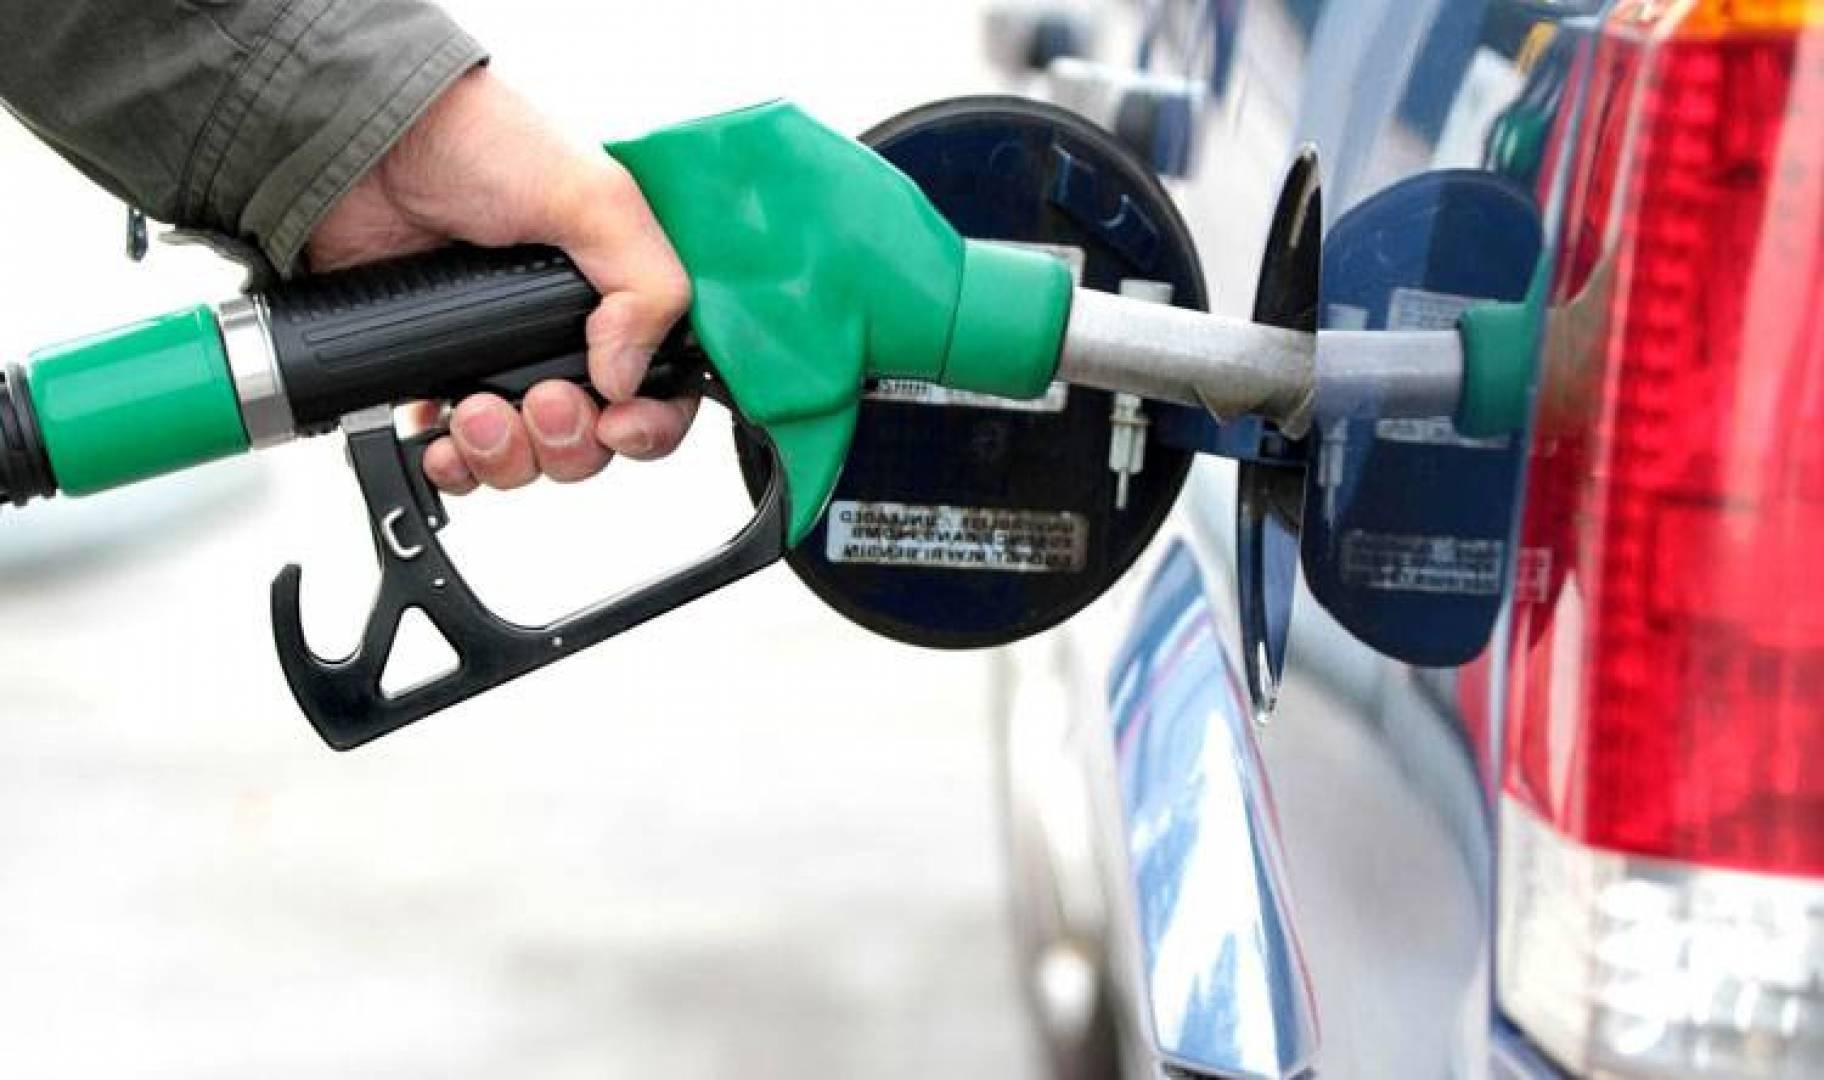 قيام دولة إيران بعمل محاولات لدعم فنزويلا فيما تمر به من أزمة البنزين